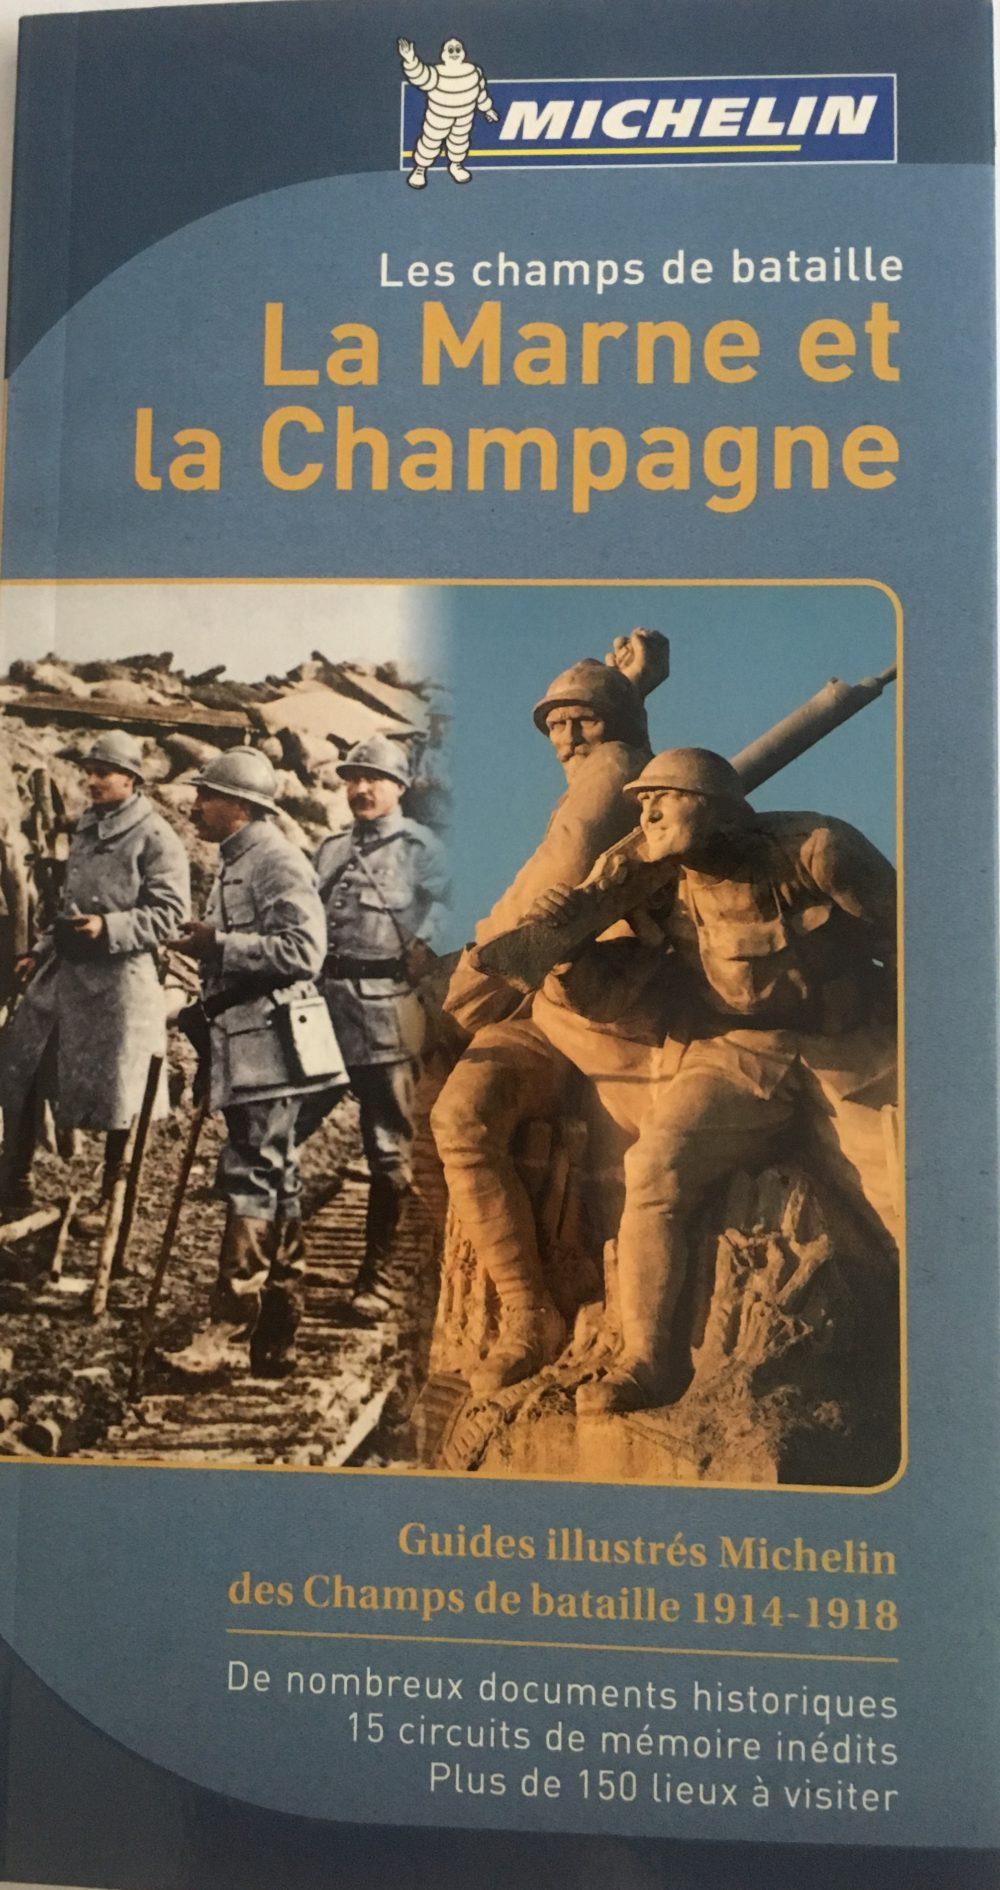 La Marne et la Champagne